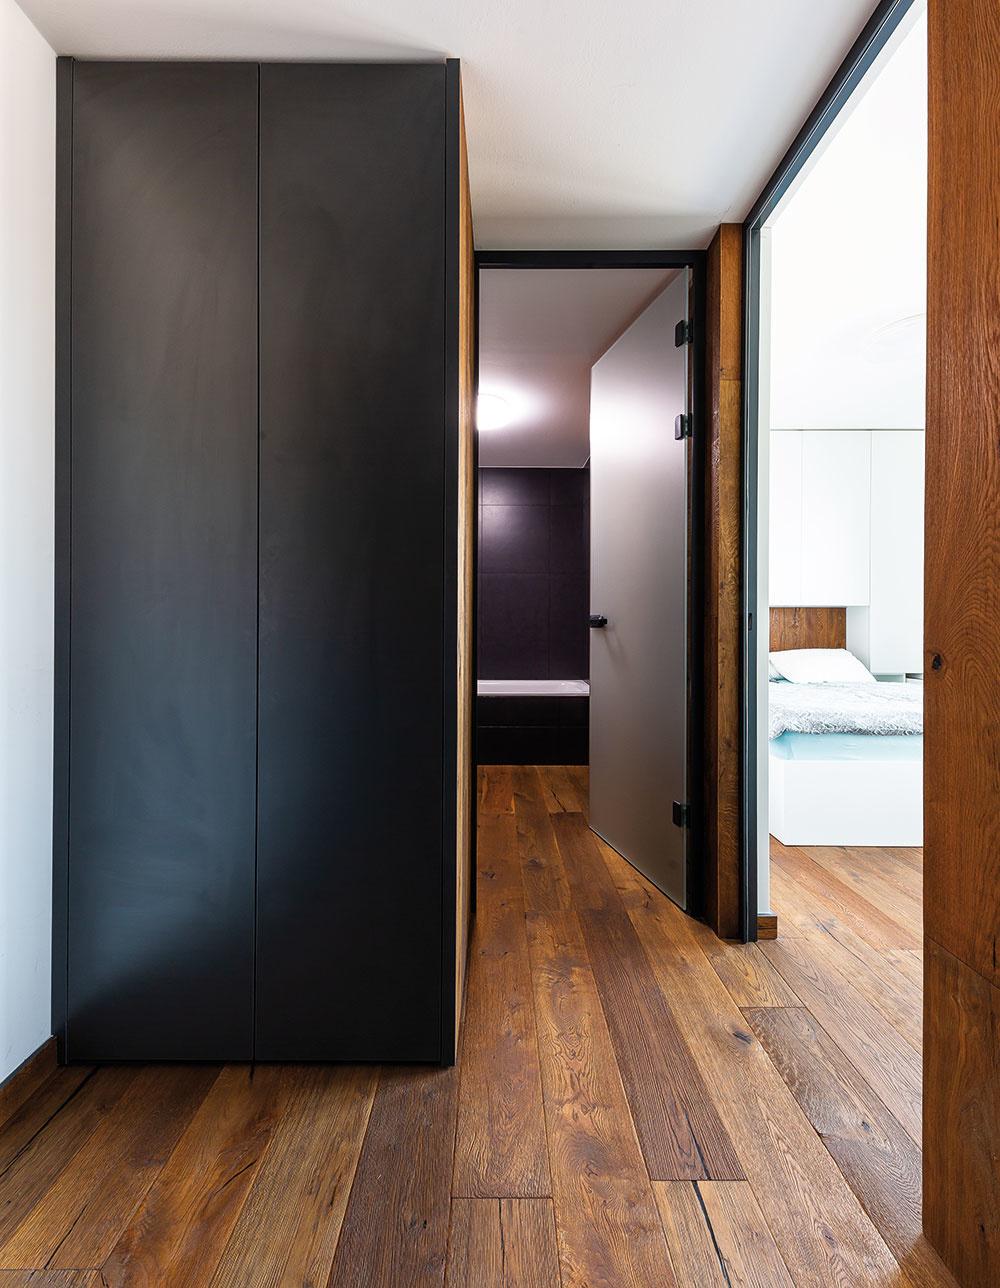 Chodba je využitá na úložné priestory. Čierna skriňa, vyrobená na mieru bez úchytiek, je taká nenápadná, že pôsobí dojmom, akoby to bol kus steny. Oproti nej je zasa roll-dor so zrkadlom, ktorý chodbu opticky zväčšuje.